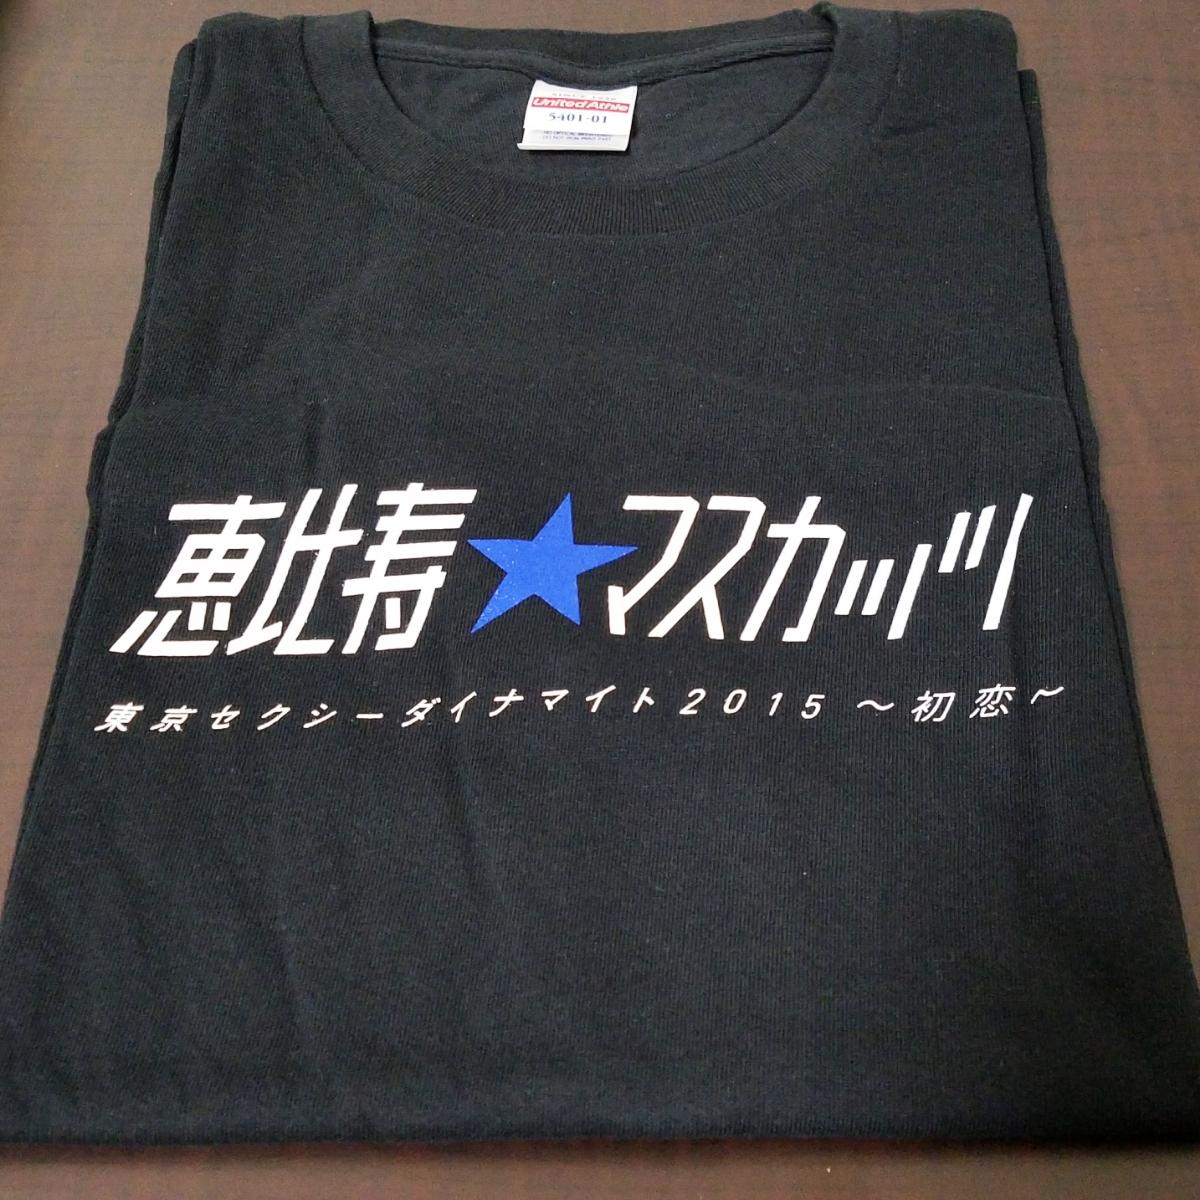 恵比寿マスカッツ 第二世代 1stライブ Tシャツ Mサイズ☆青